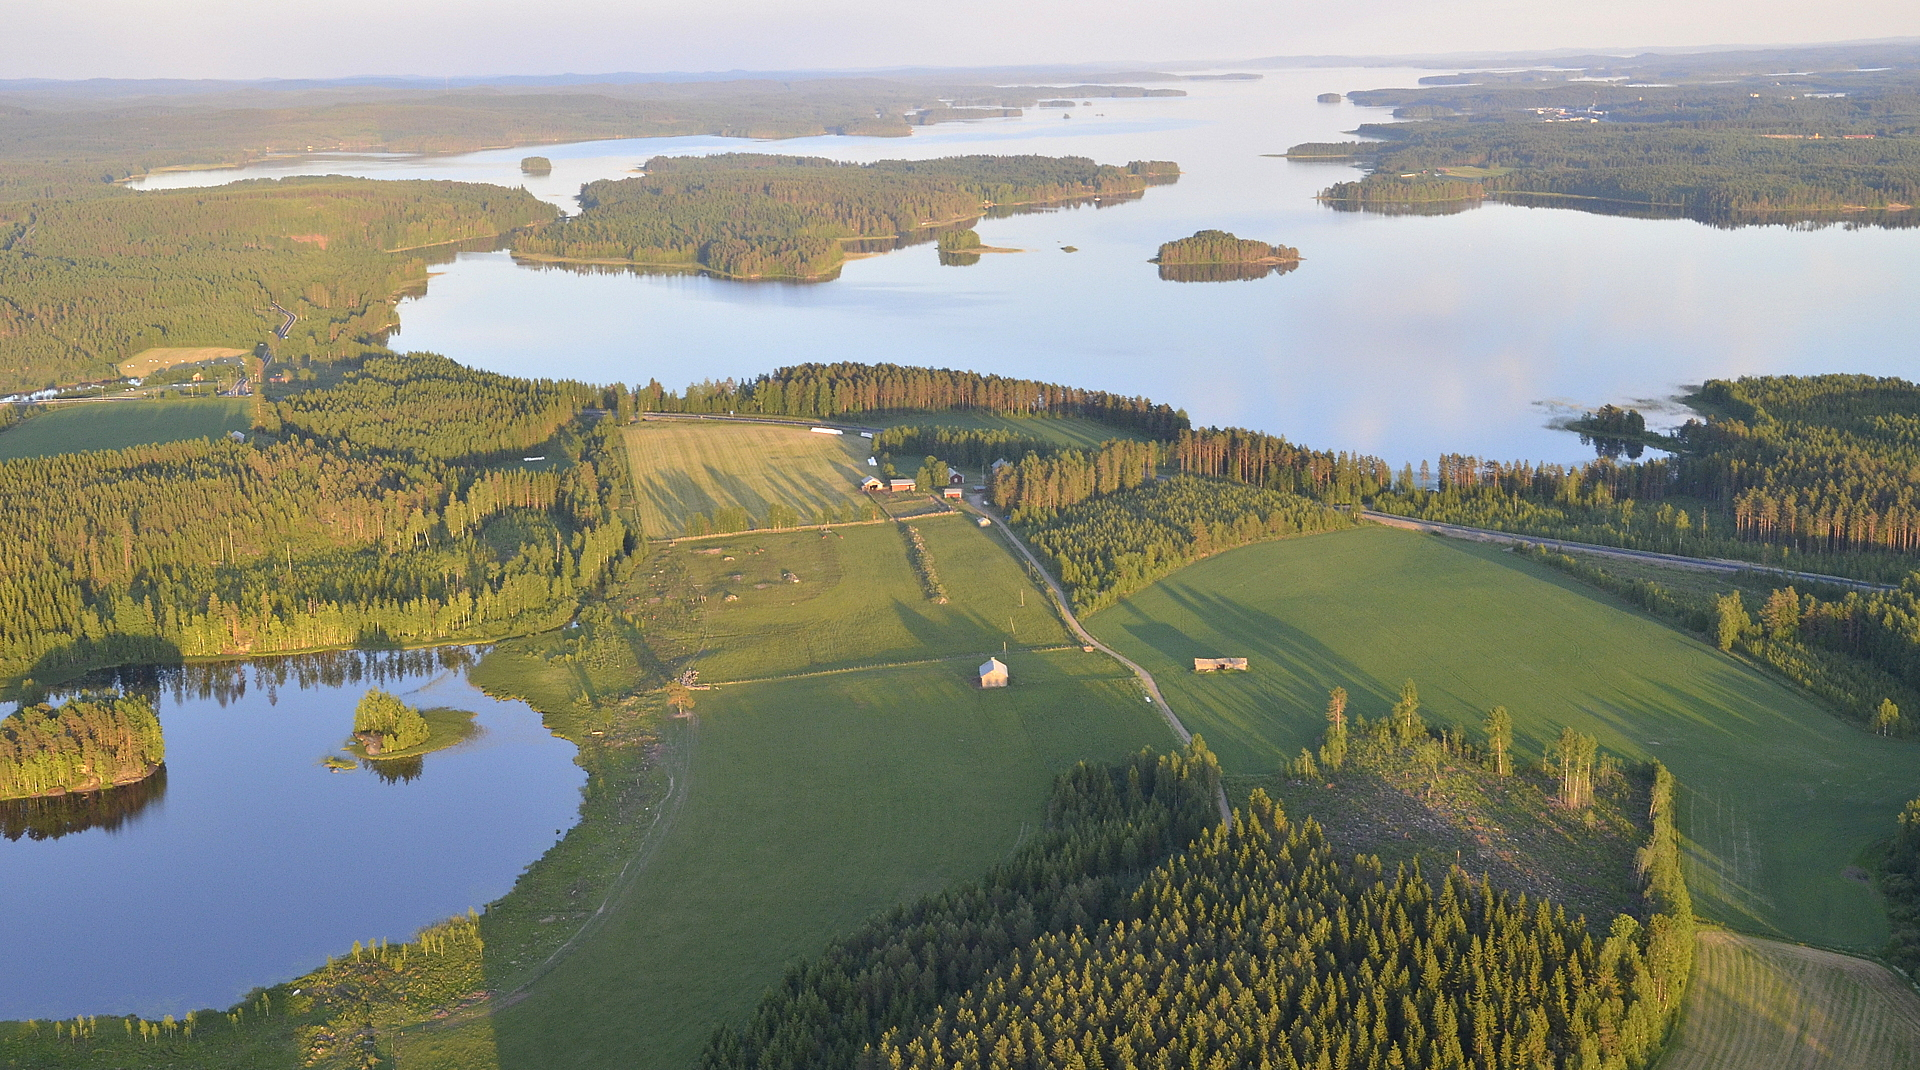 Piolampi vasemmalla, edessä Muikunlahti ja Niemelä. 9.7.2017